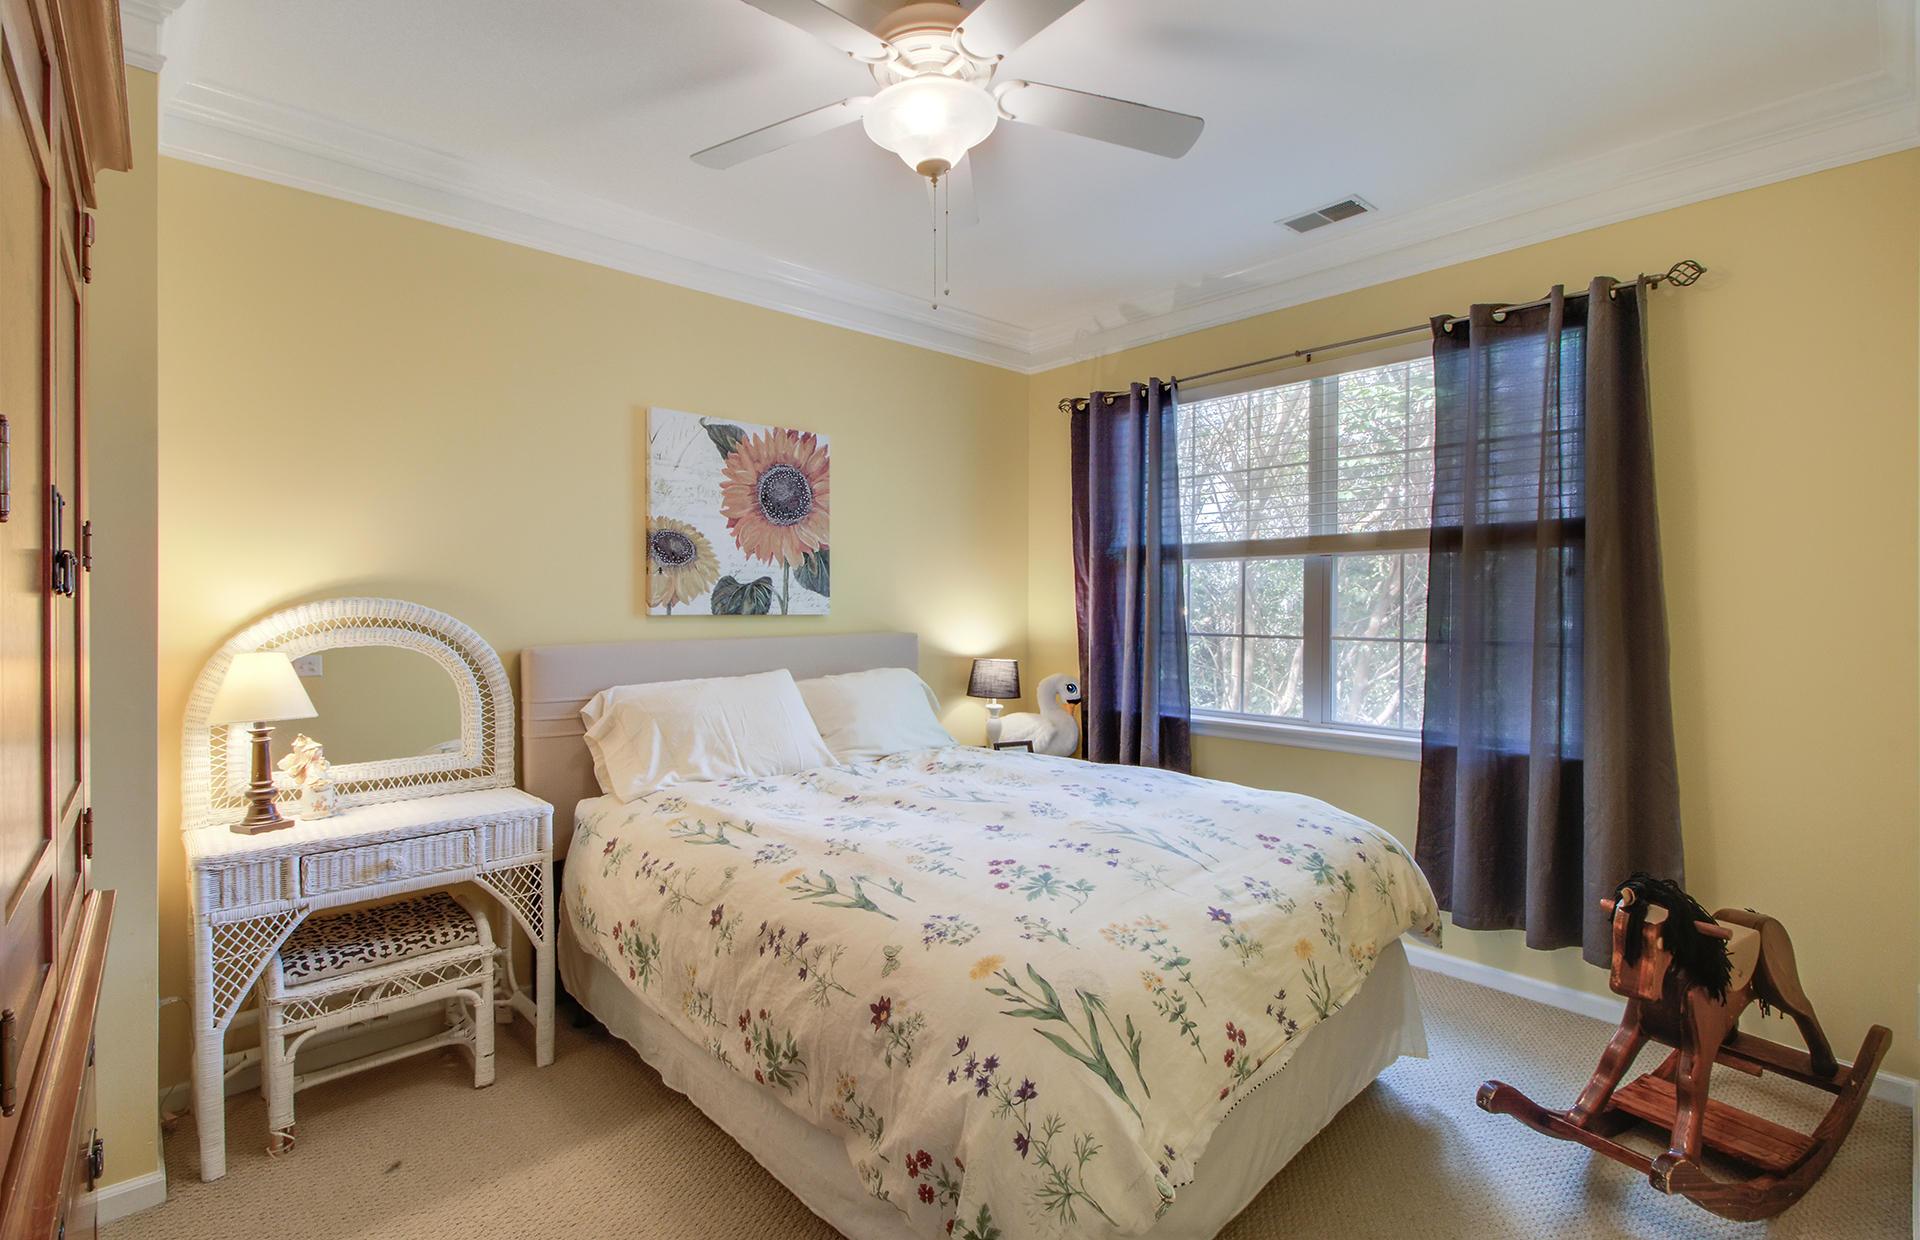 Park West Homes For Sale - 2500 Draymohr, Mount Pleasant, SC - 7